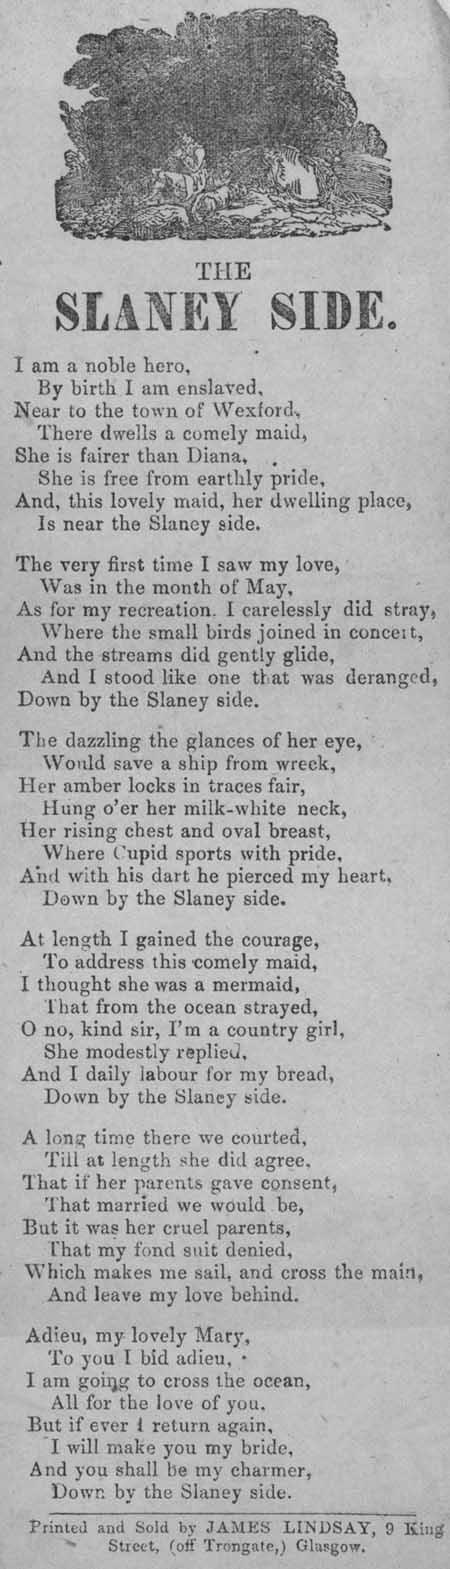 Broadside ballad entitled 'The Slaney Side'